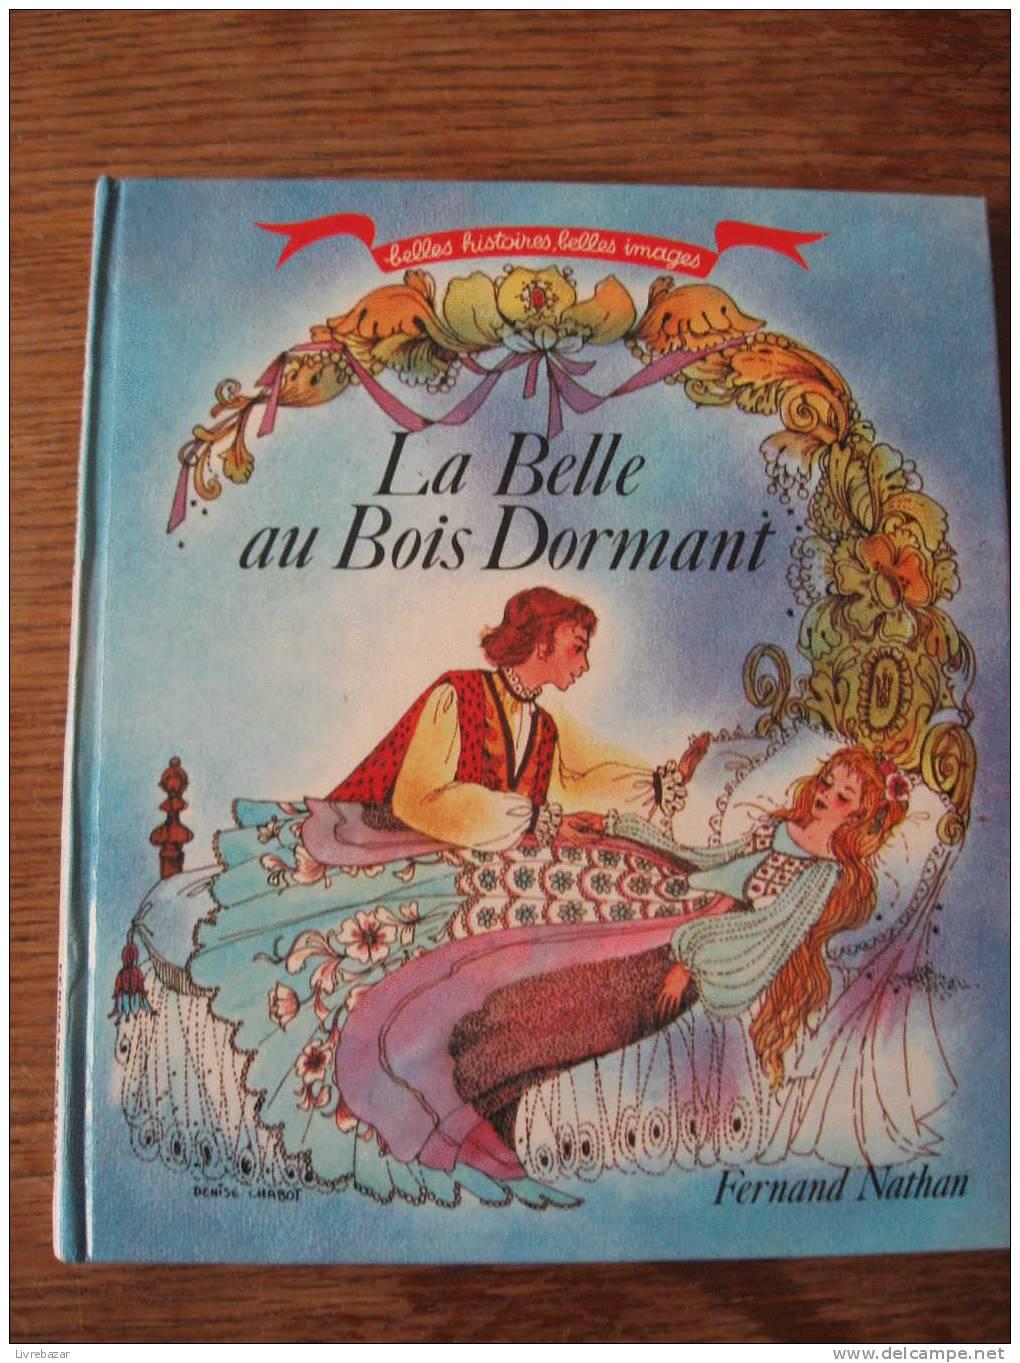 Histoire de la belle au bois dormant for La belle au bois flotte